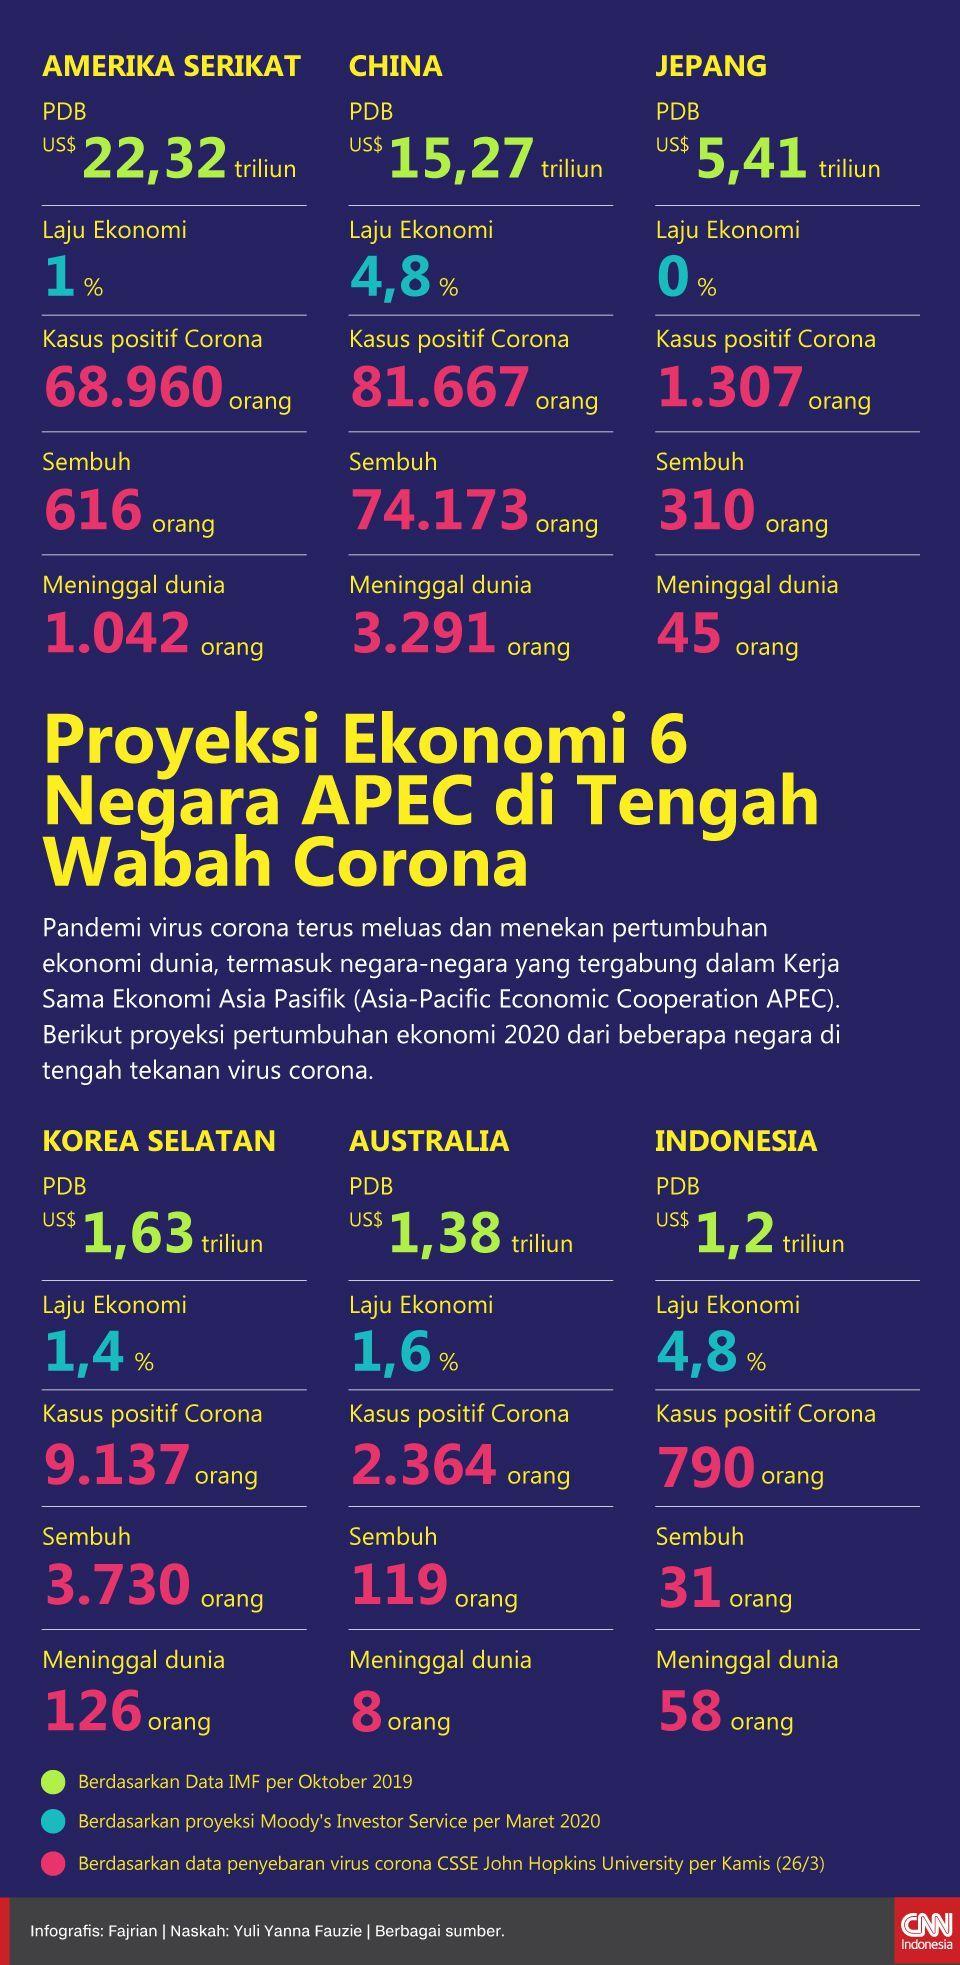 Infografis Proyeksi Ekonomi 6 Negara APEC di Tengah Wabah Corona